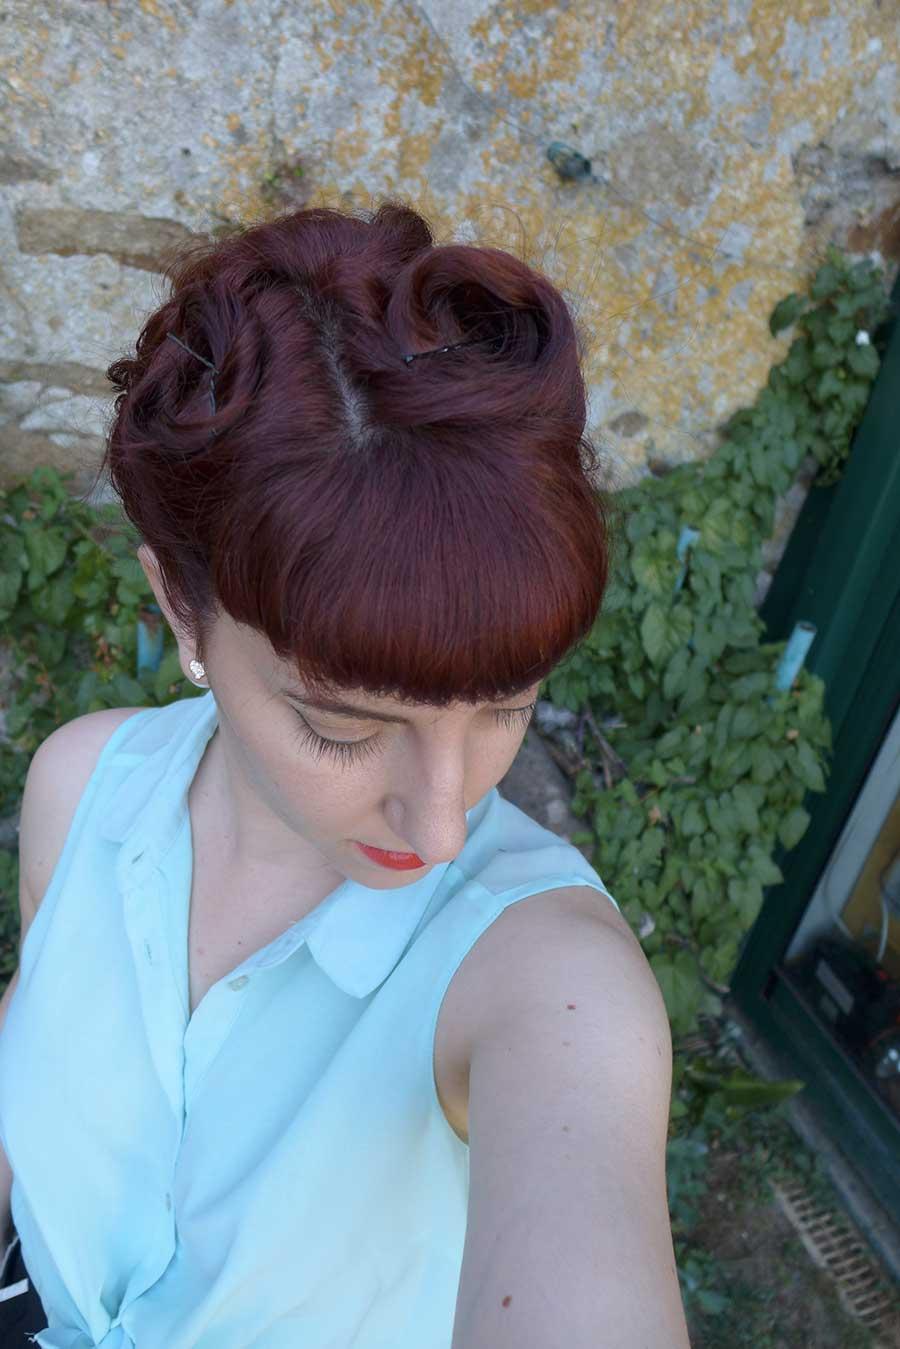 coiffure rétro vintage années 50